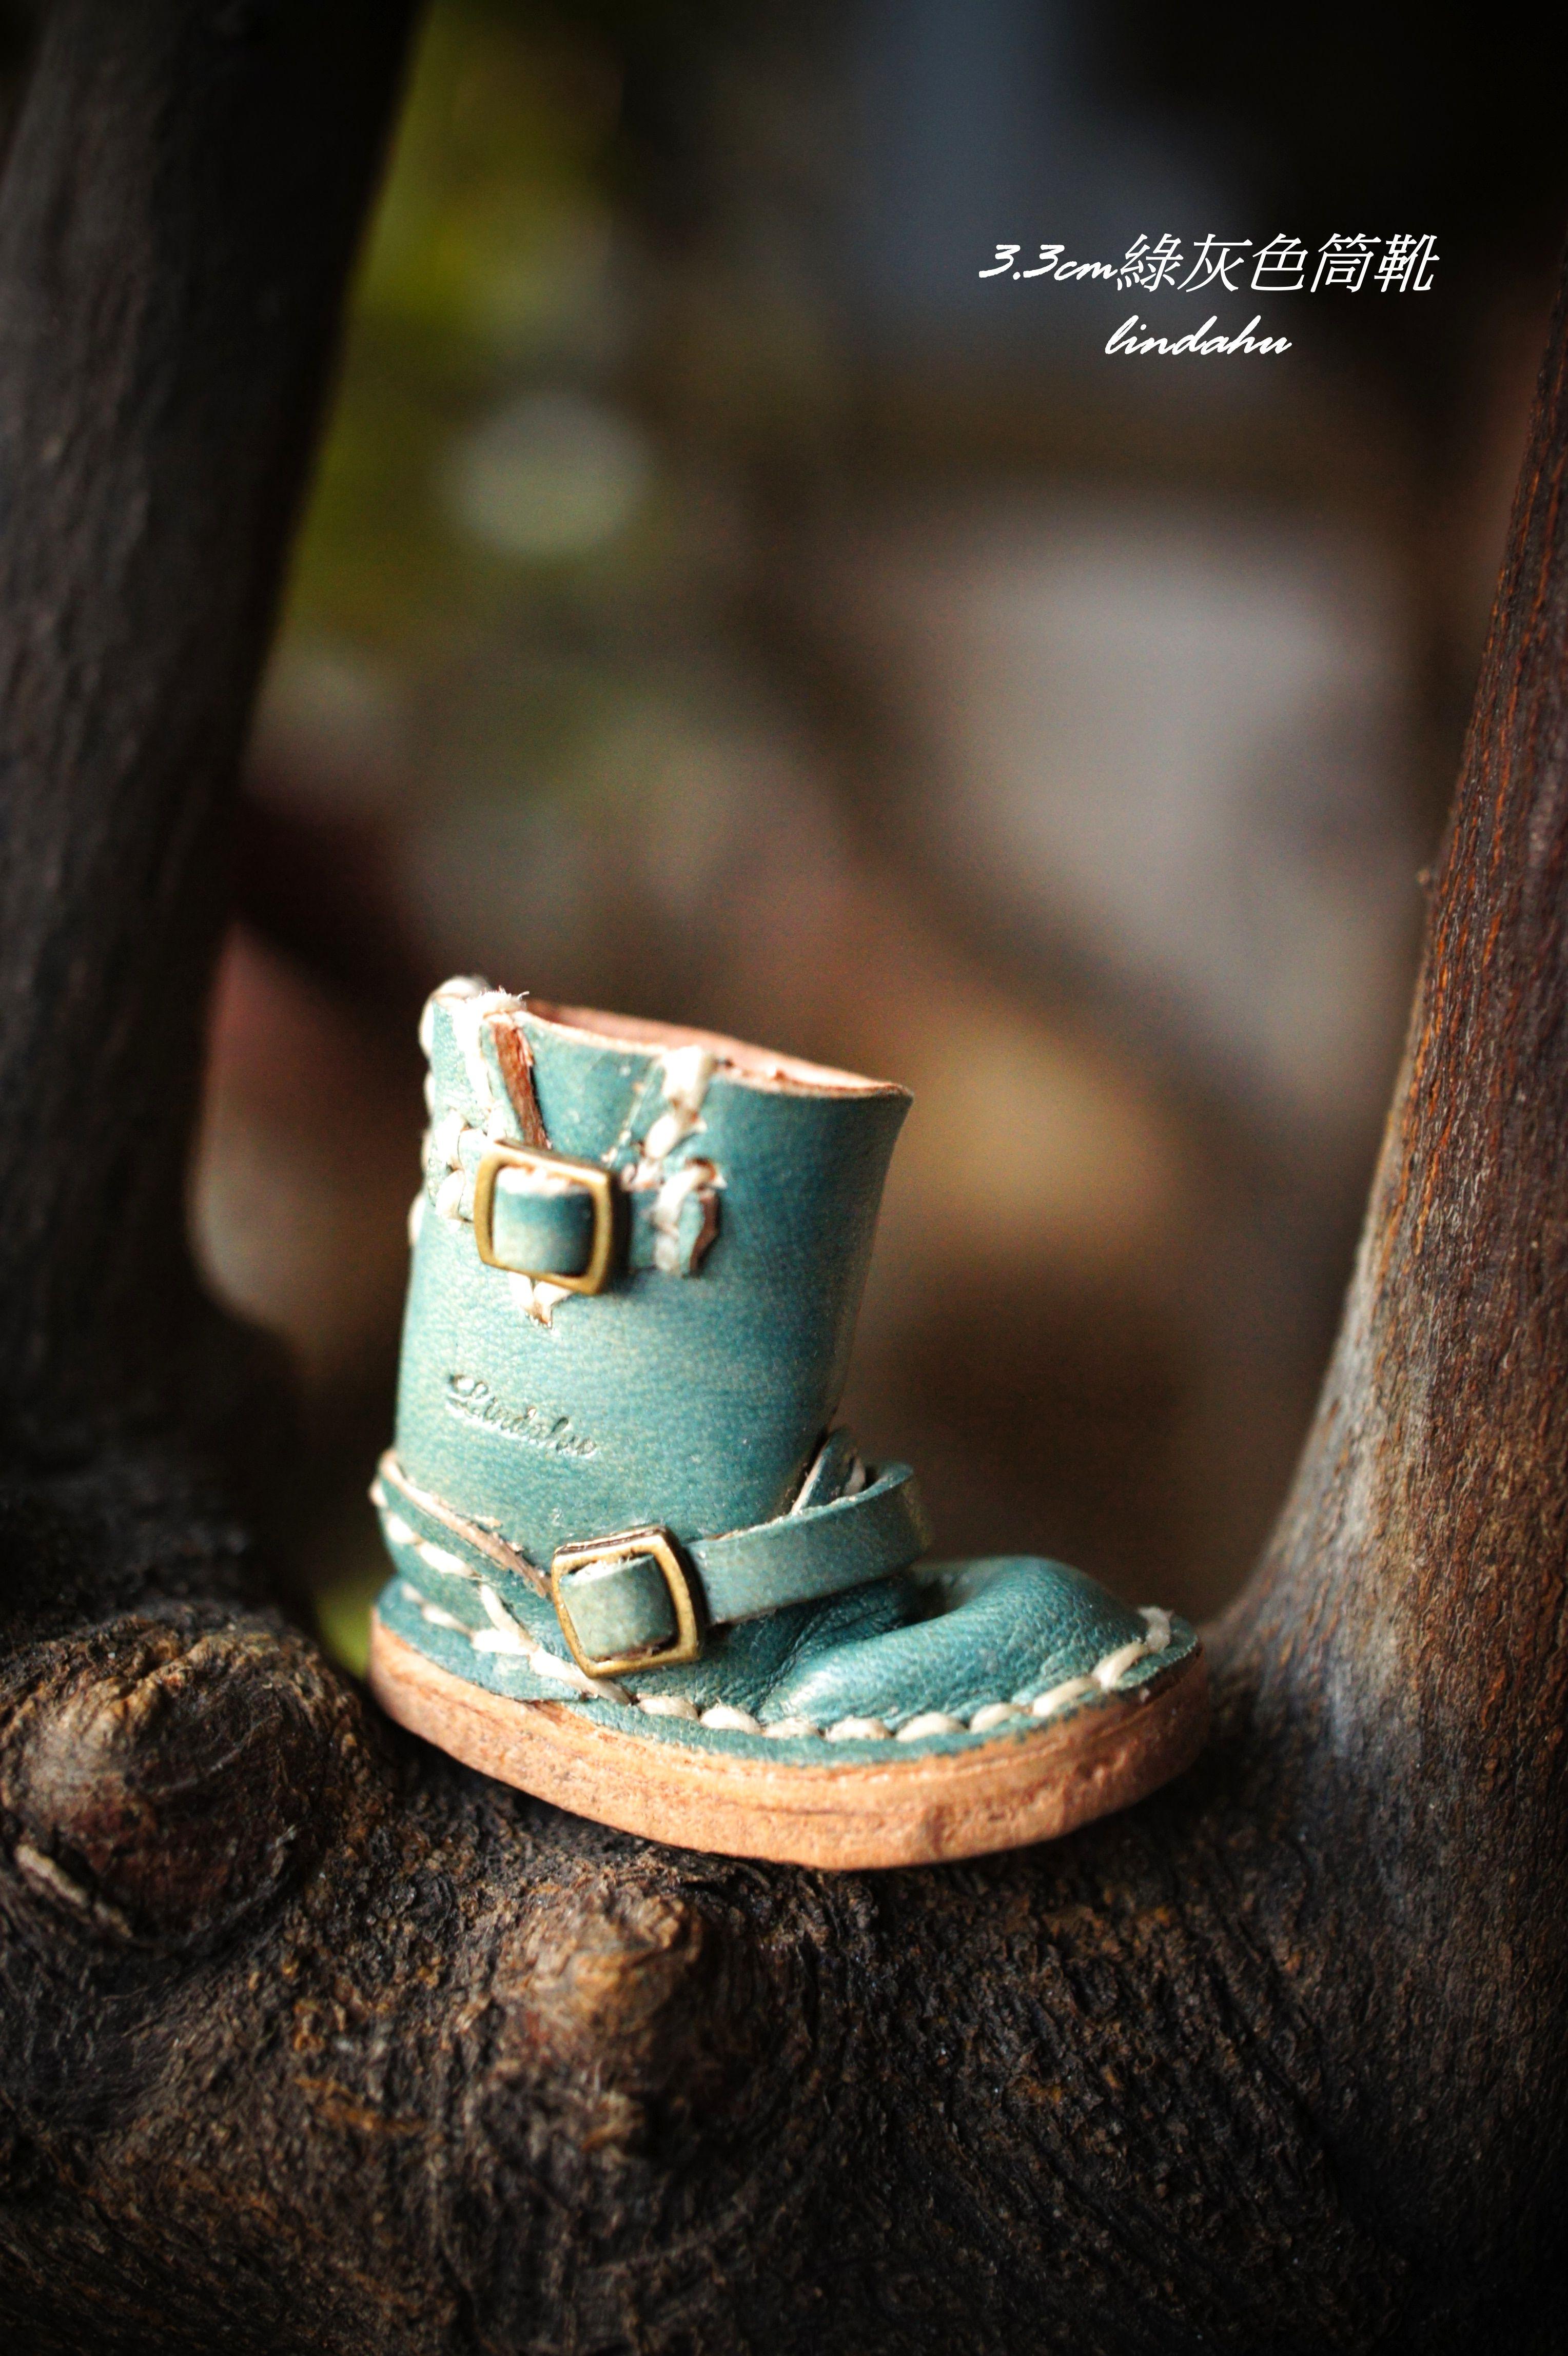 3.3cm 綠灰色自版筒靴